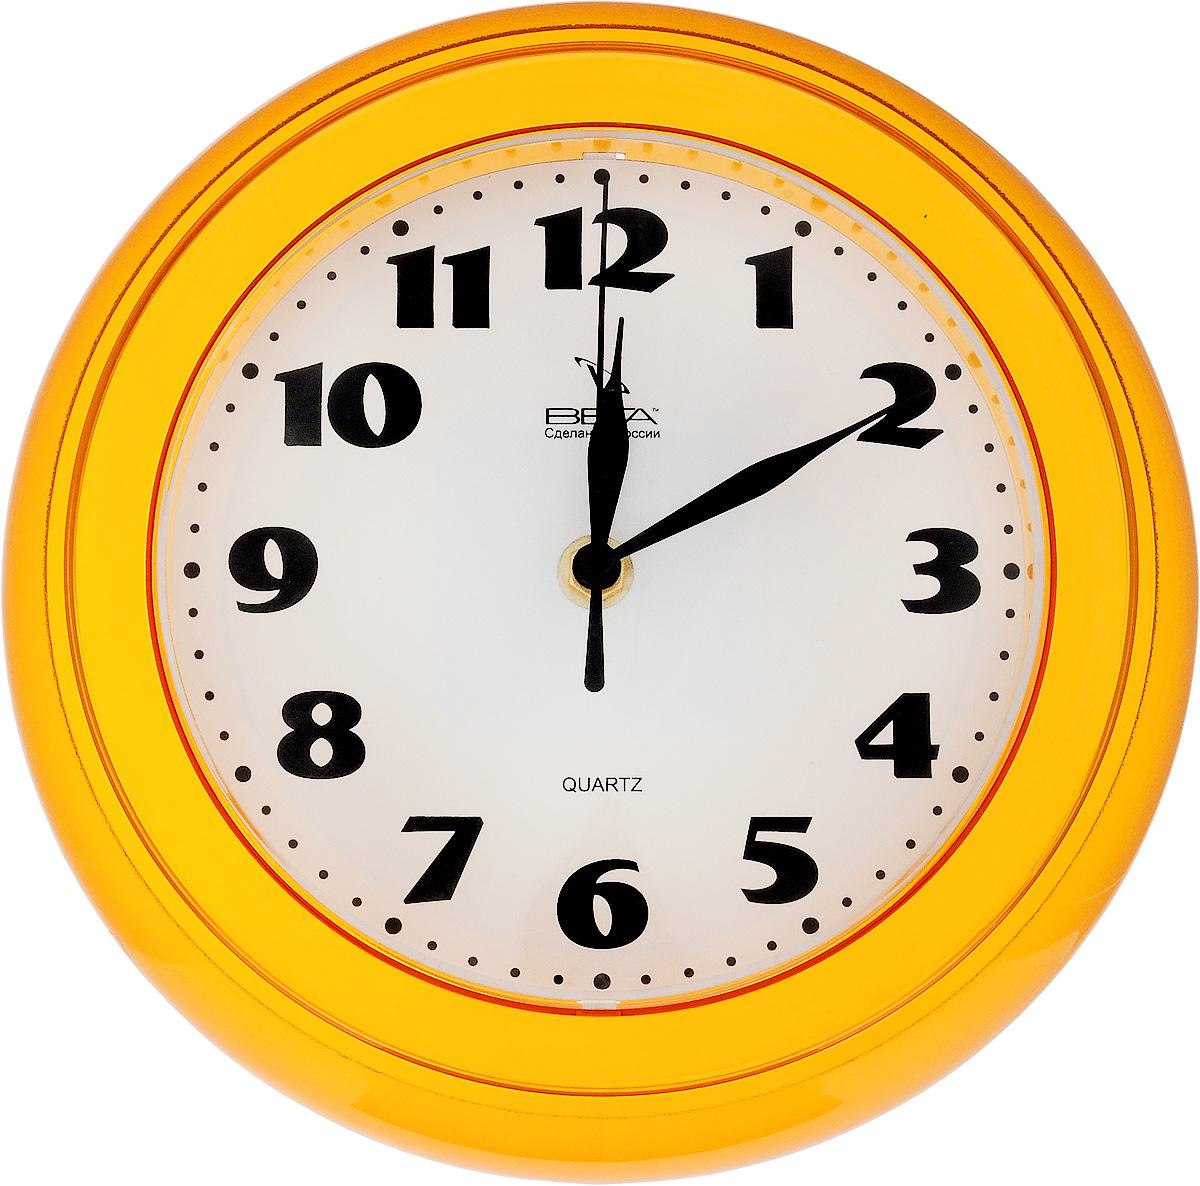 Часы настенные Вега Классика, цвет: желтый, диаметр 22 смП6-17-45Настенные кварцевые часы Вега Классика, изготовленные из пластика, прекрасно впишутся в интерьер вашего дома. Круглые часы имеют три стрелки: часовую, минутную и секундную, циферблат защищен прозрачным стеклом. Часы работают от 1 батарейки типа АА напряжением 1,5 В (не входит в комплект). Диаметр часов: 22 см.